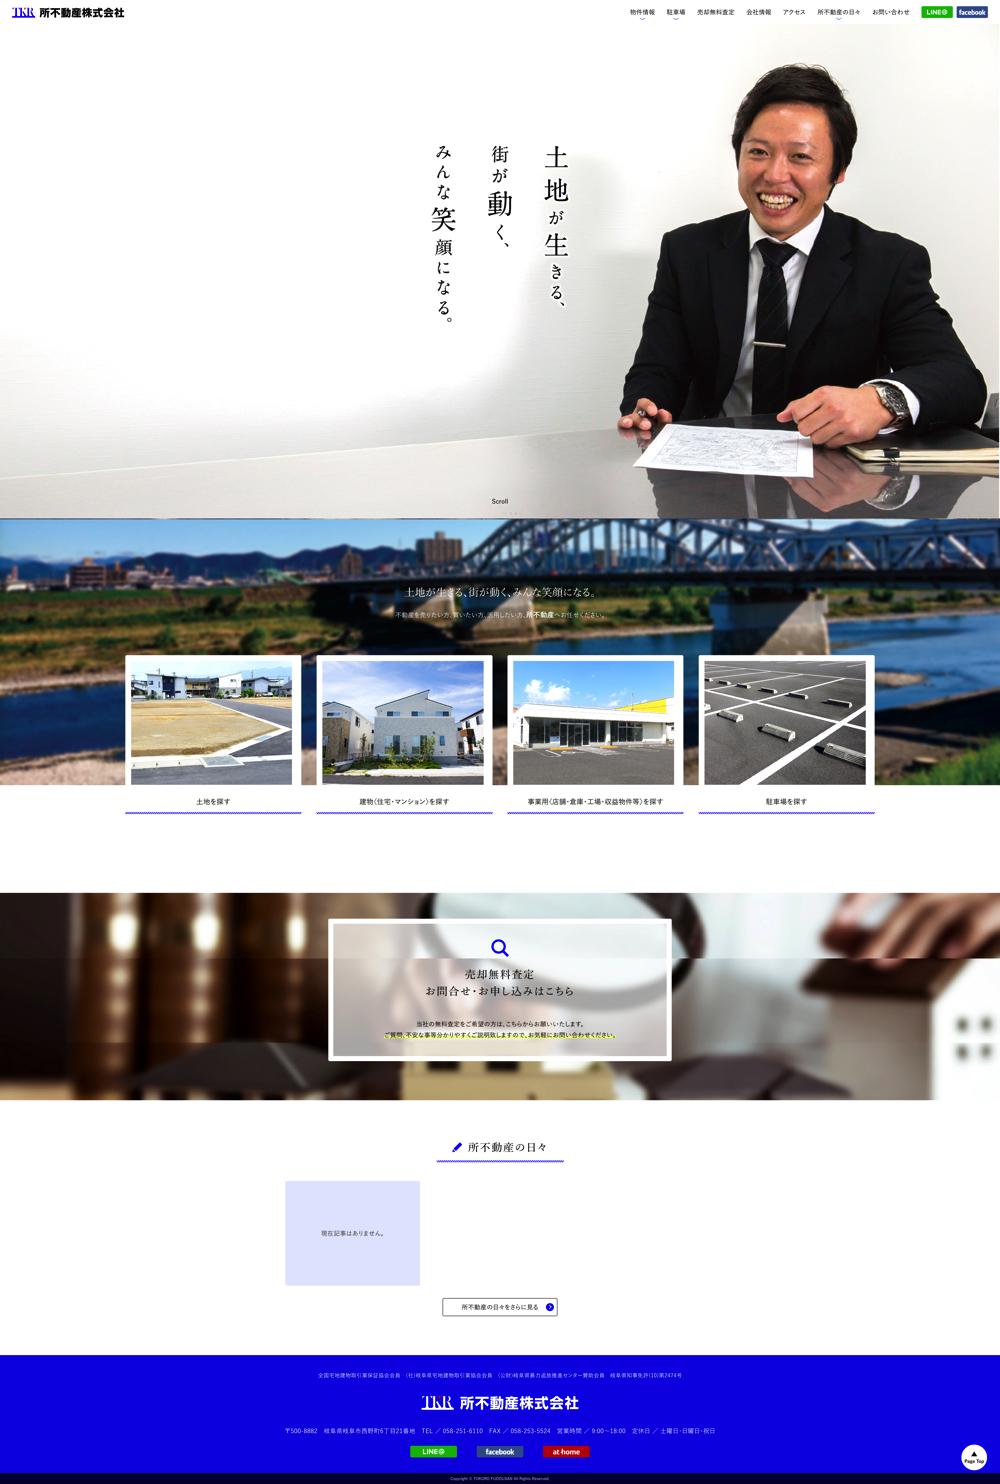 所不動産株式会社様 新規ホームページ イメージ02